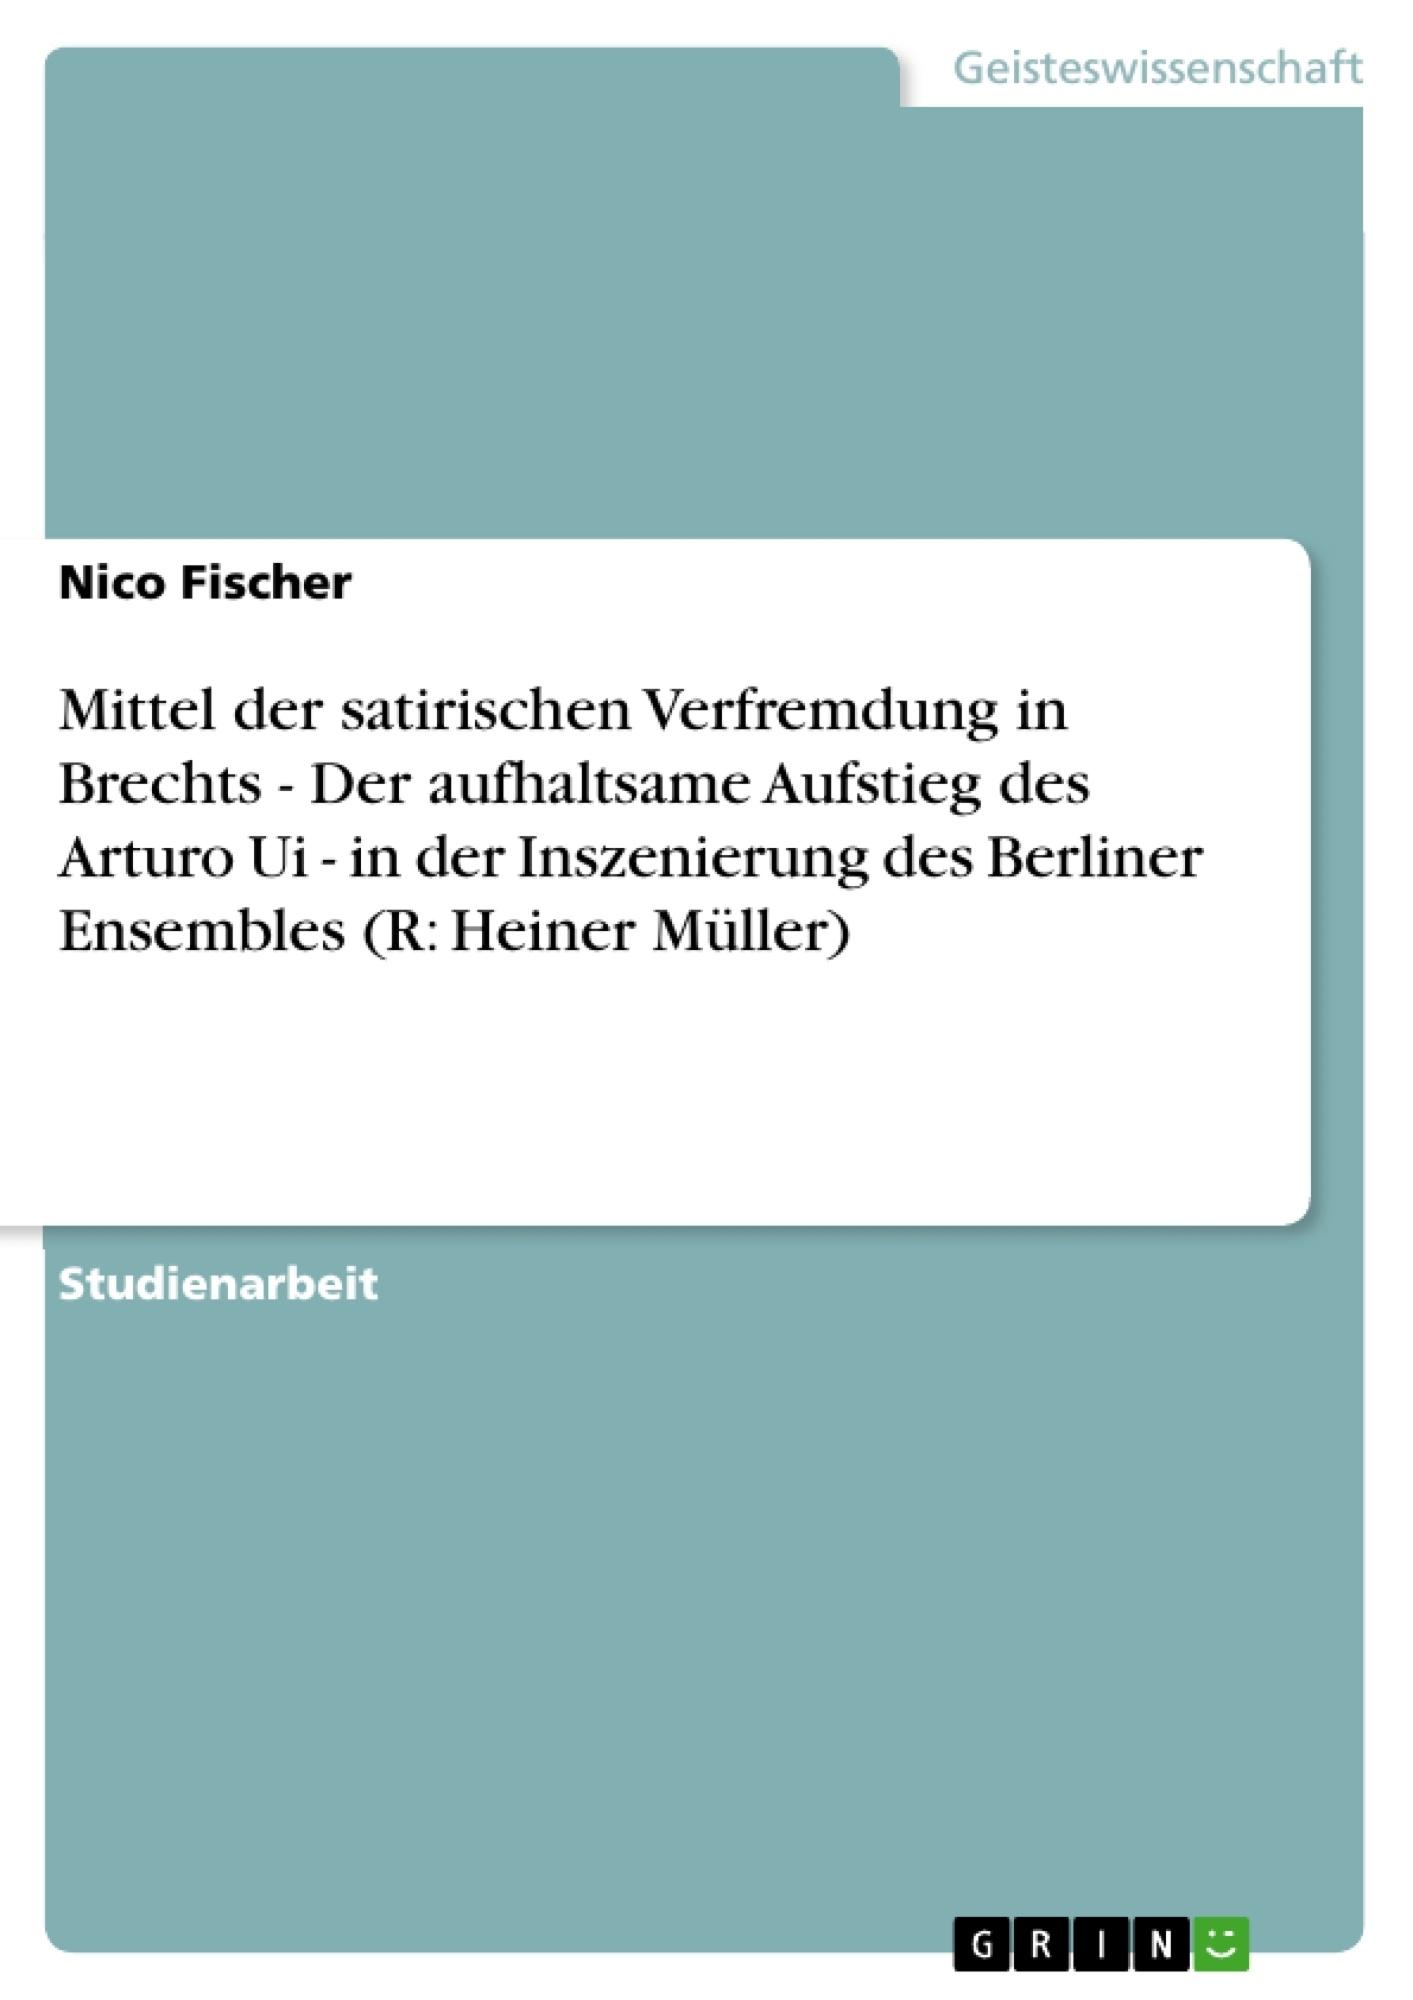 Titel: Mittel der satirischen Verfremdung in Brechts - Der aufhaltsame Aufstieg des Arturo Ui - in der Inszenierung des Berliner Ensembles (R: Heiner Müller)